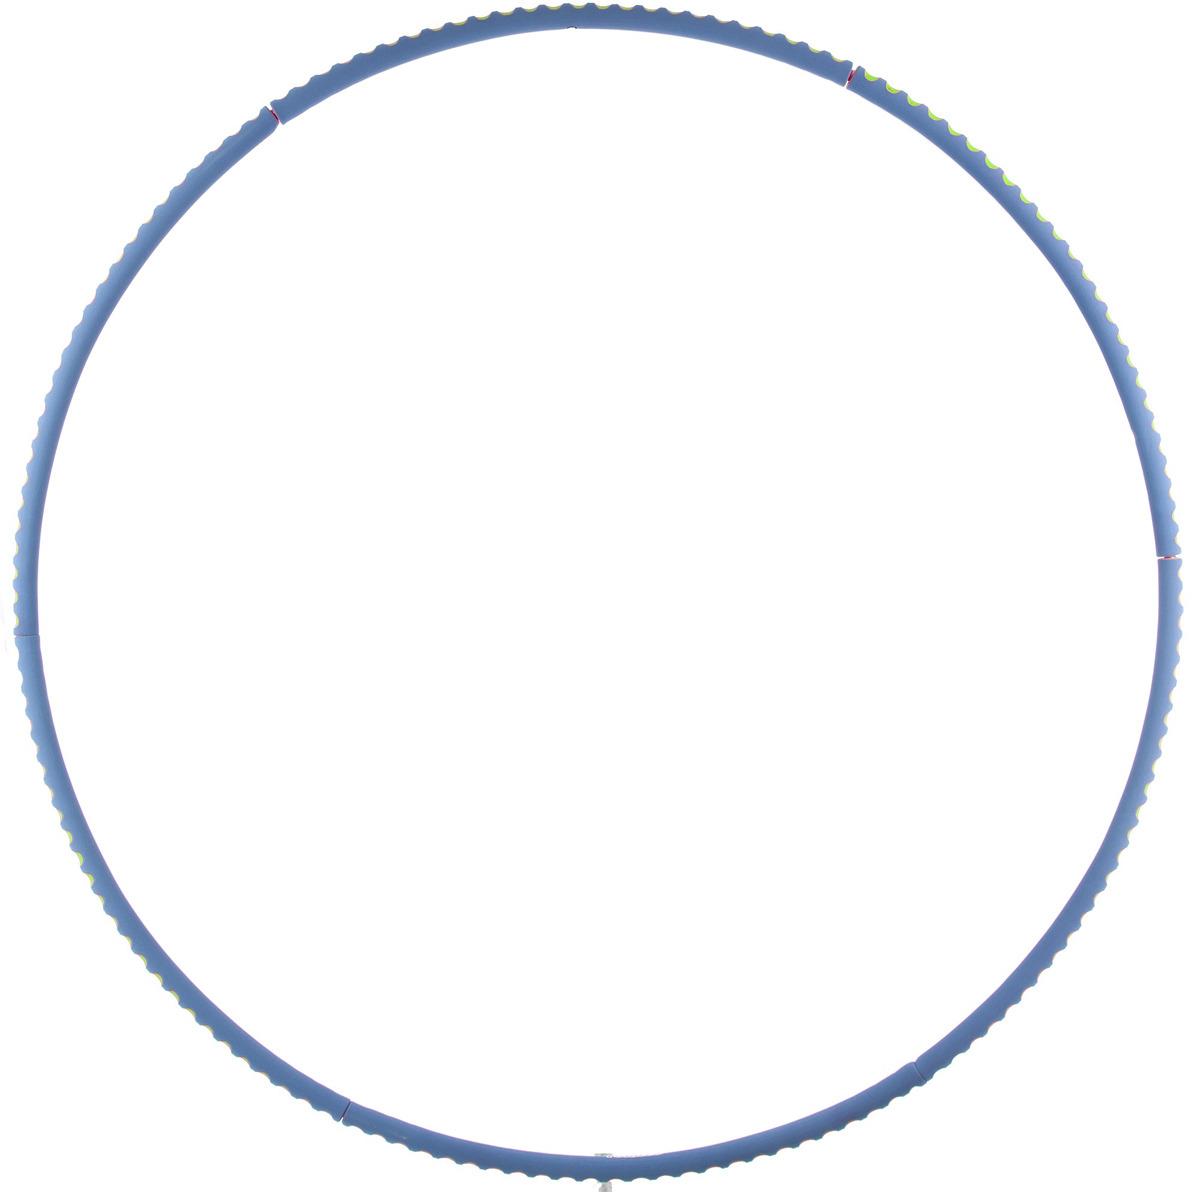 Обруч для фитнеса Torneo, цвет: синий torneo фрисби torneo flying sun